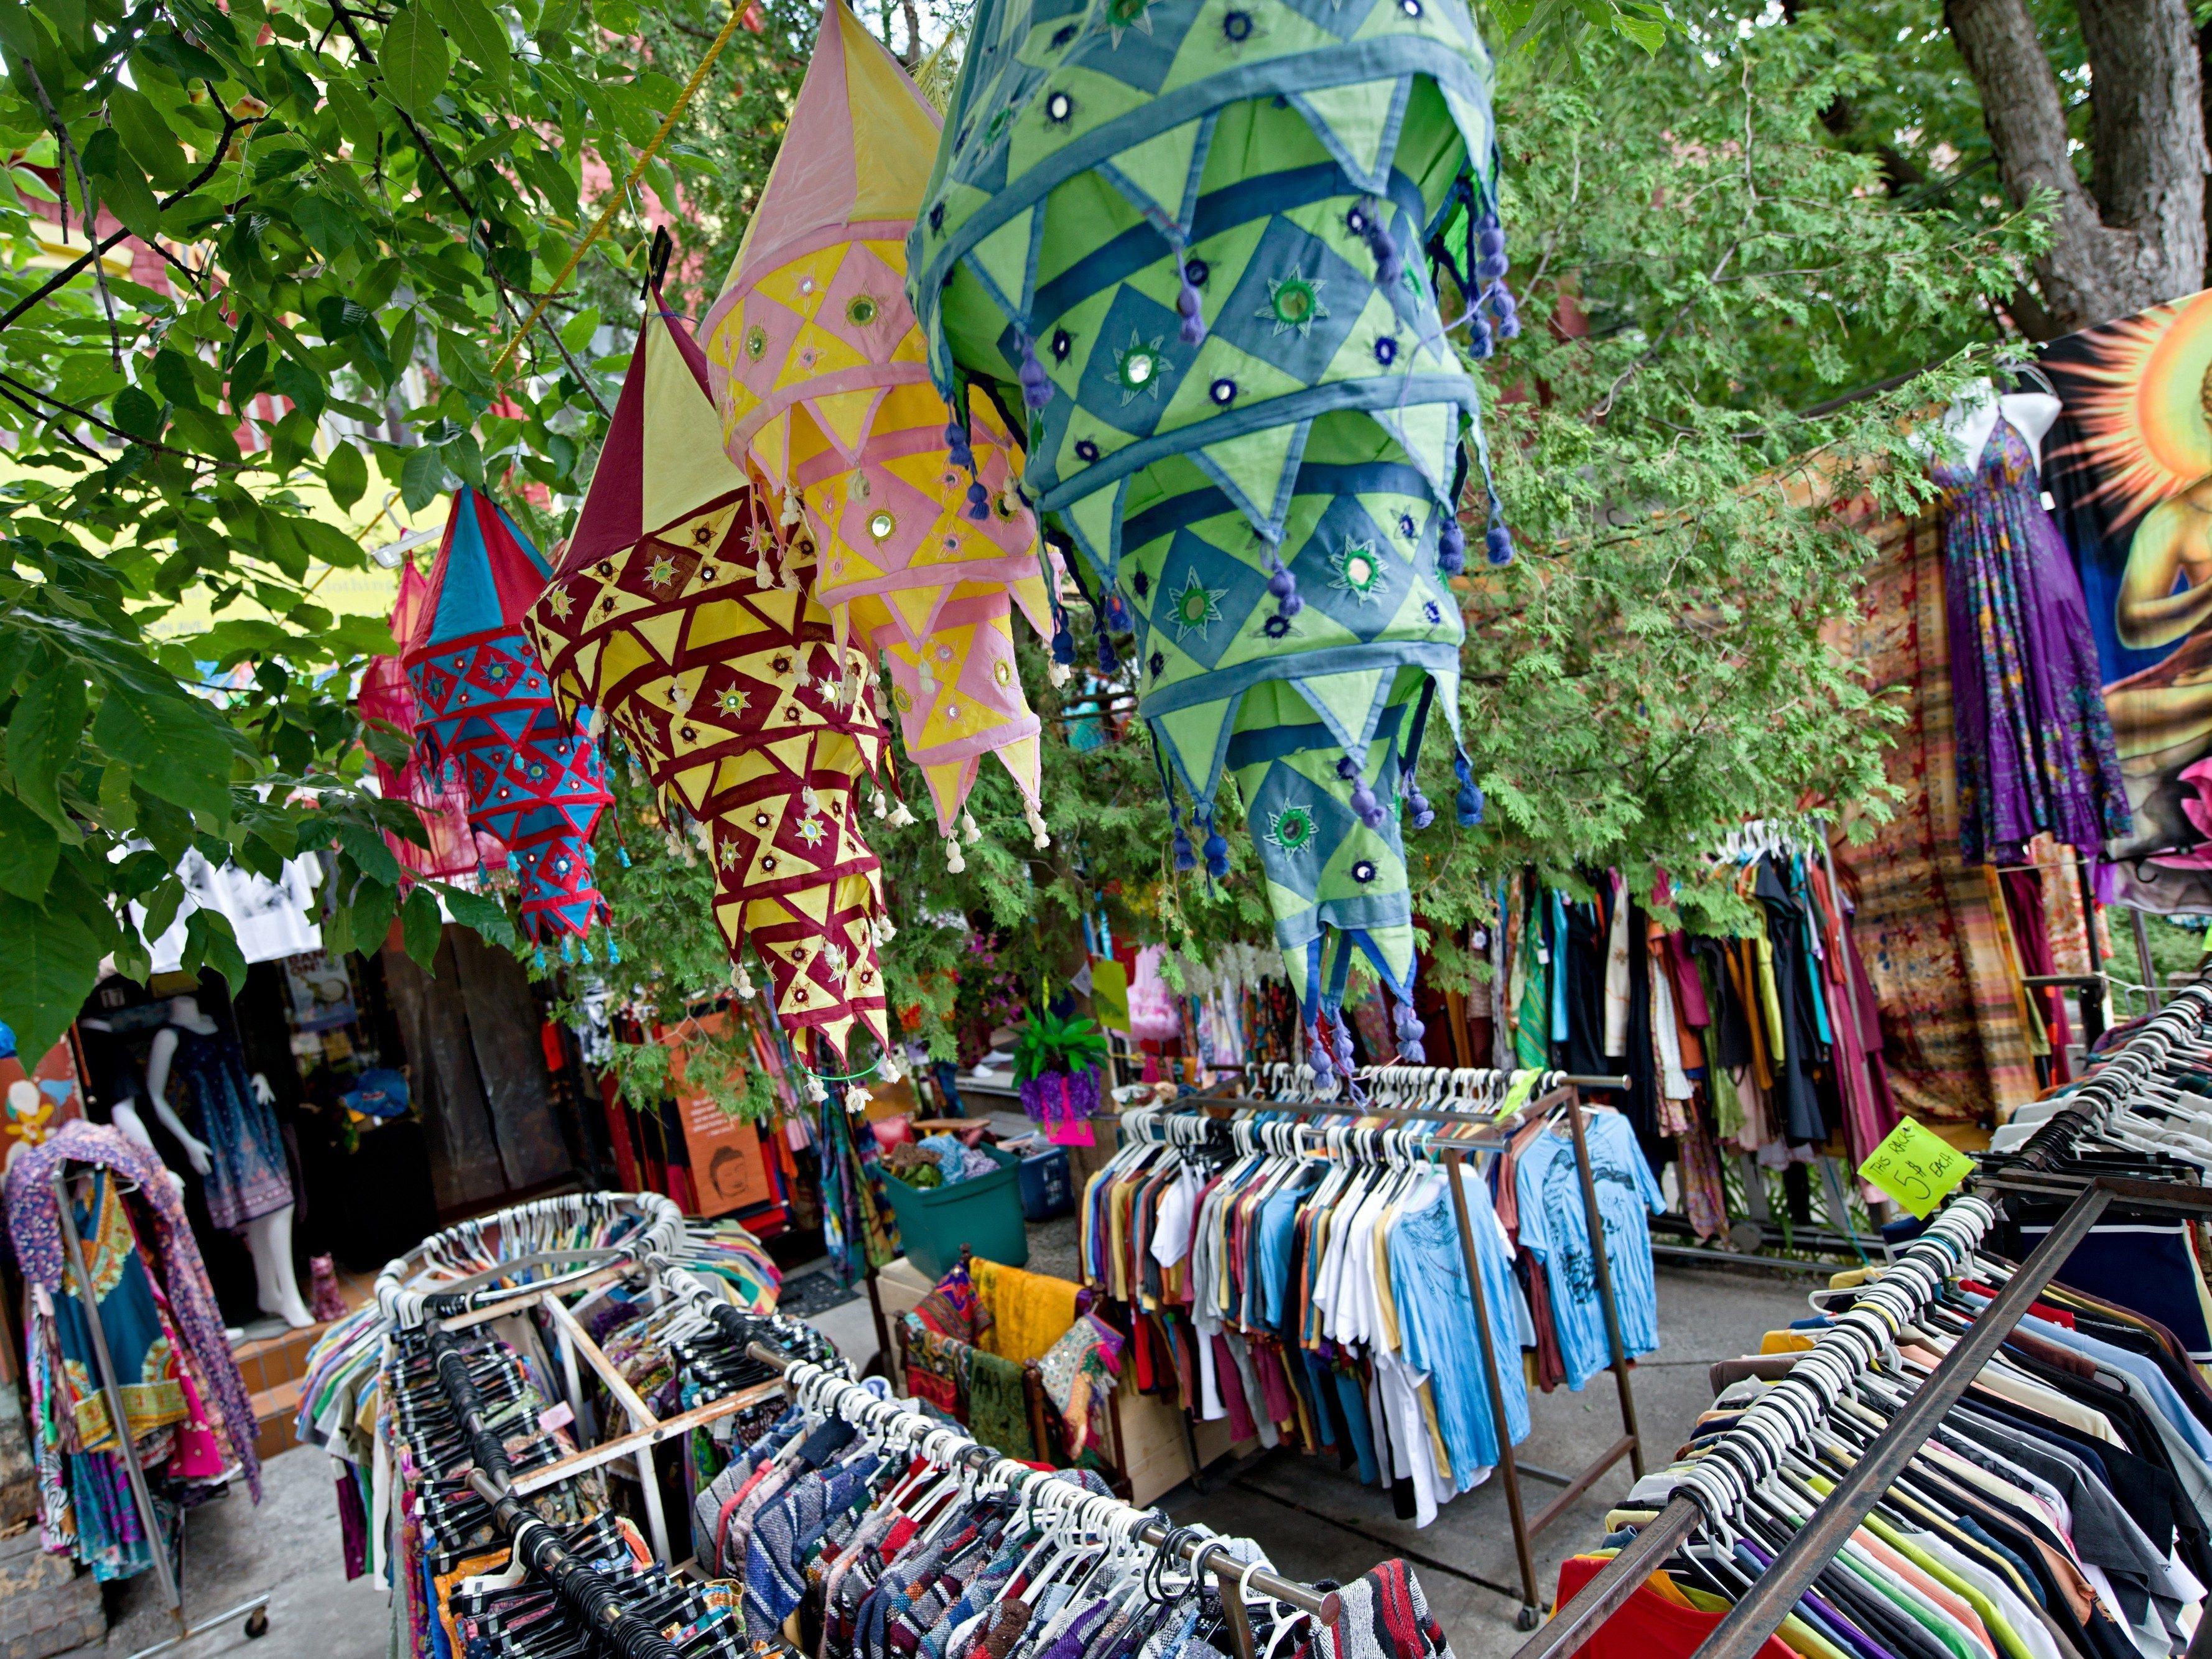 13. Pedestrian Sundays at Kensington Market